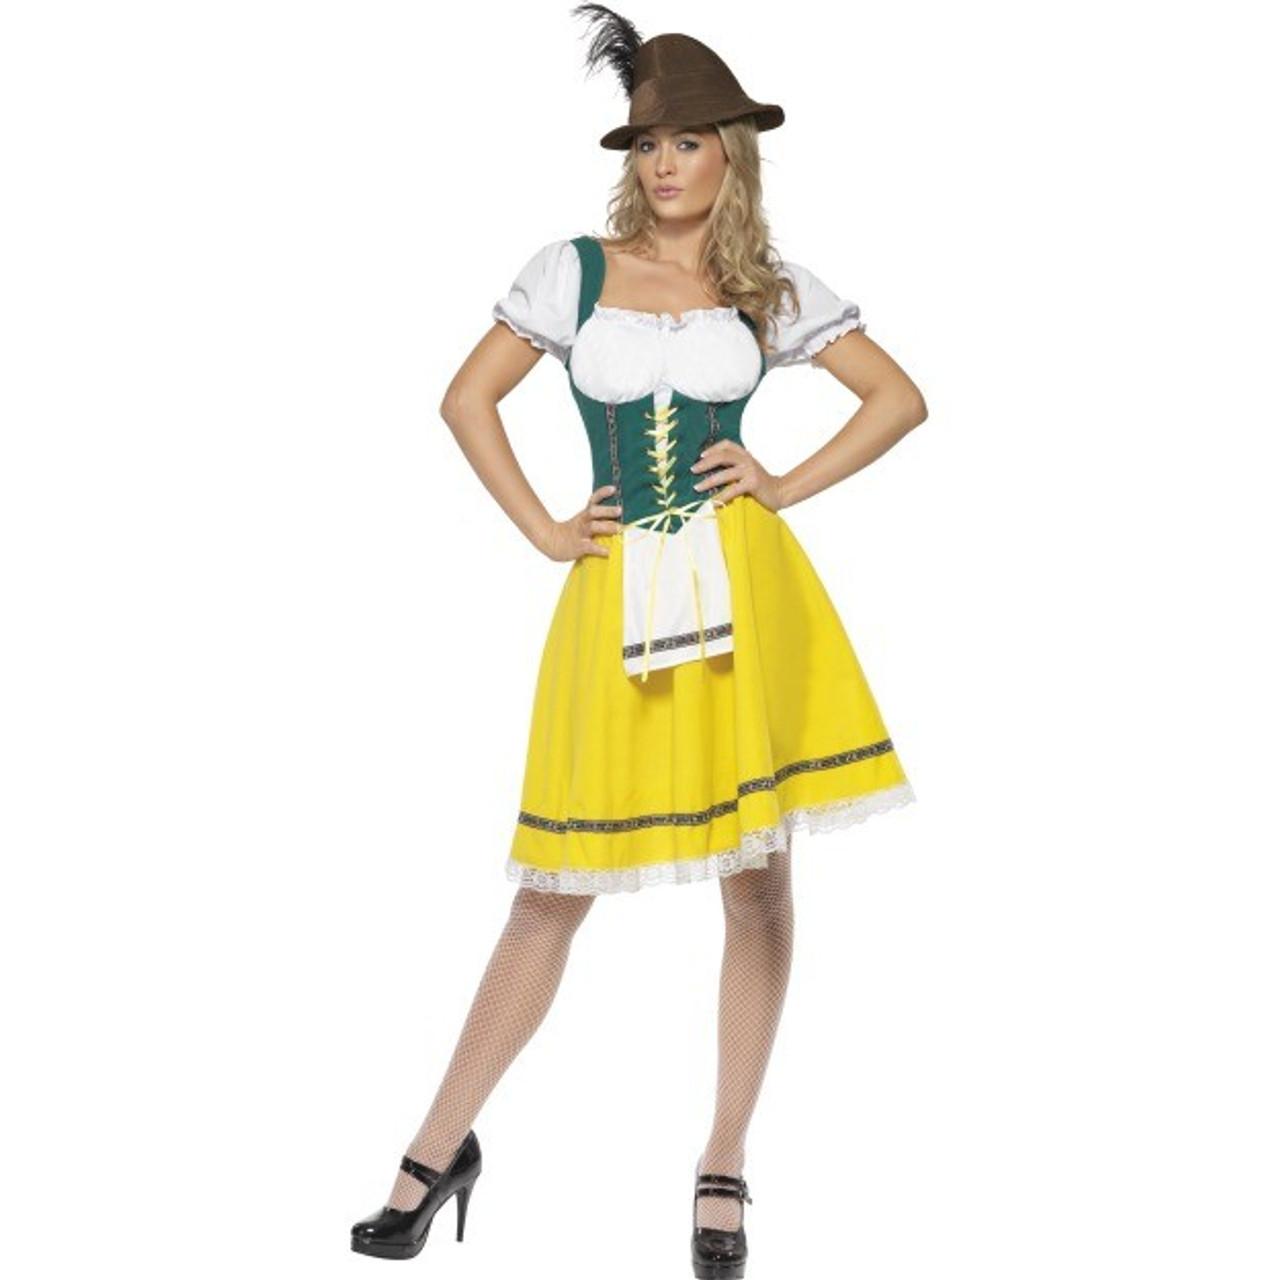 Smiffys Bavarian Wench Costume